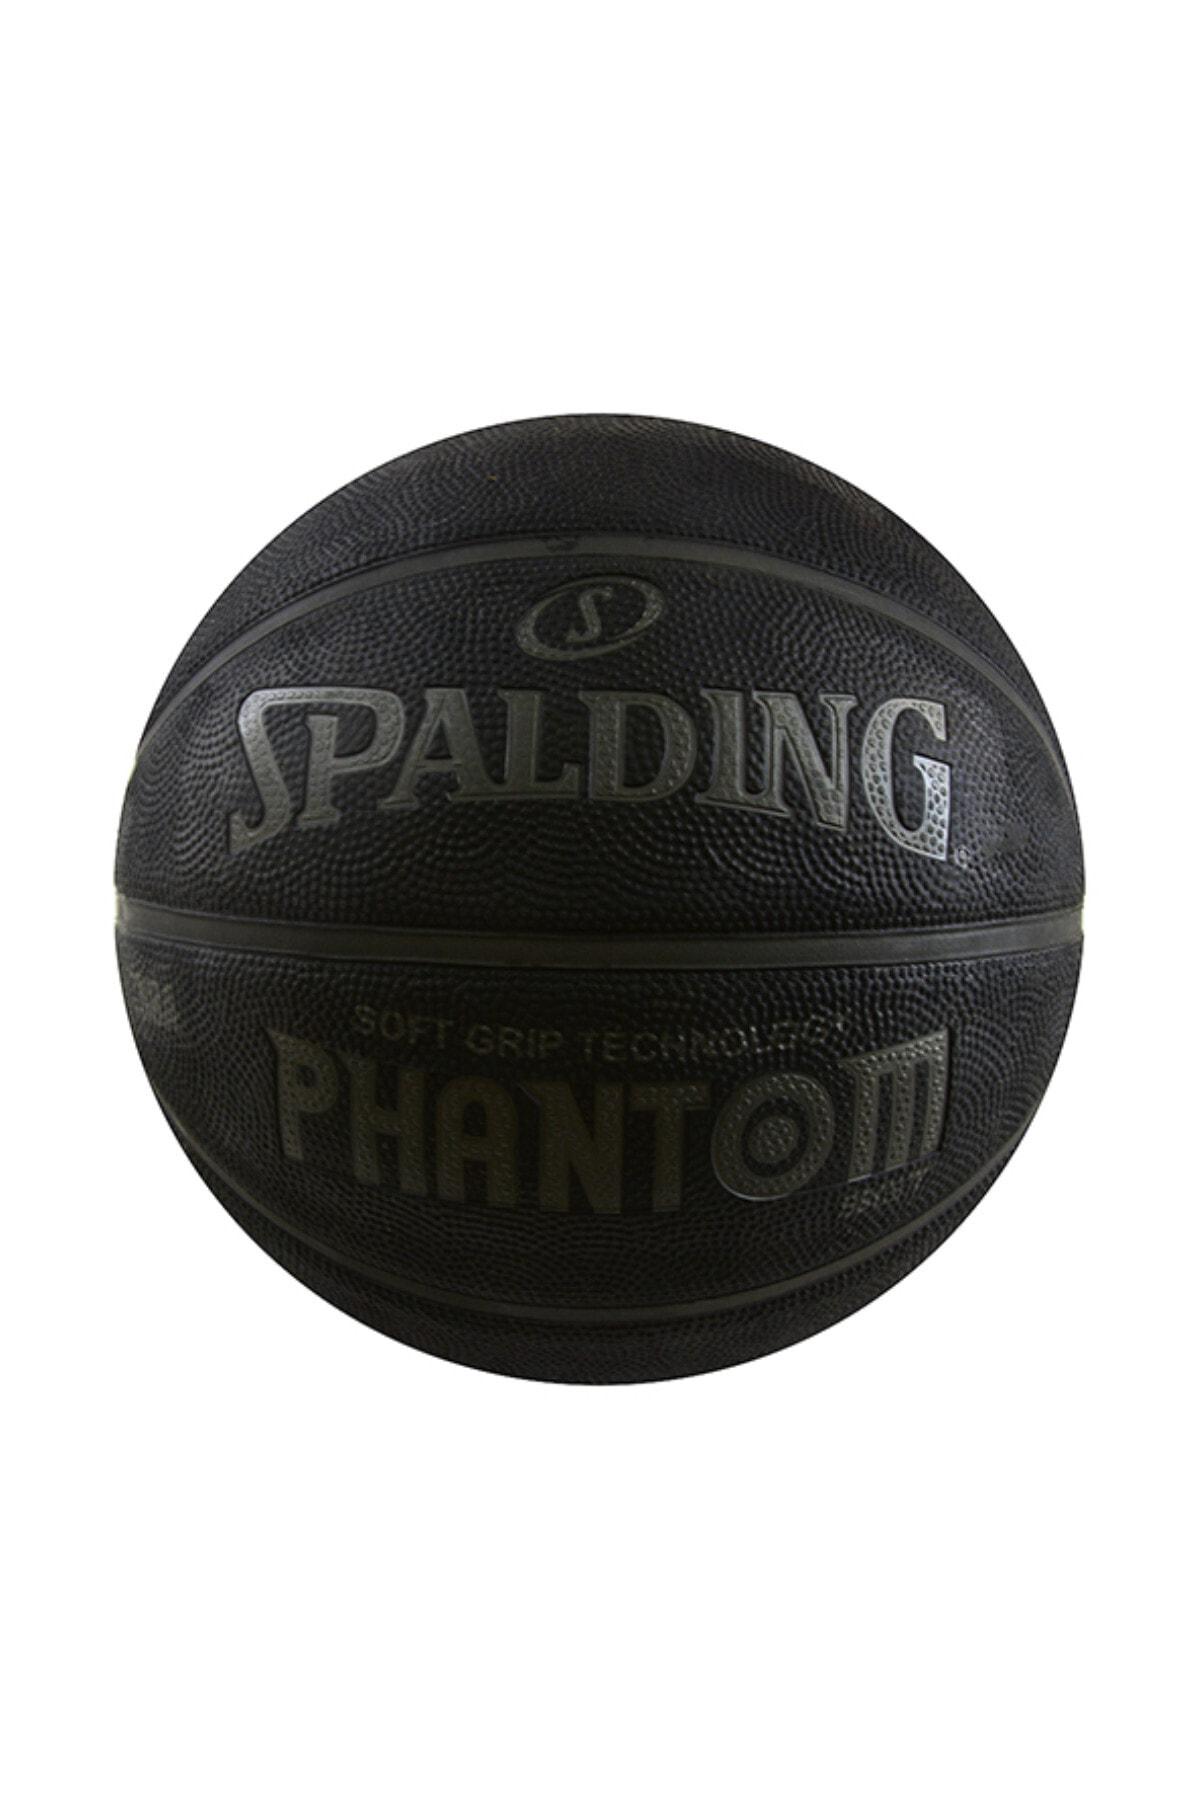 Phantom Soft SZ7 Basket Topu - 10686